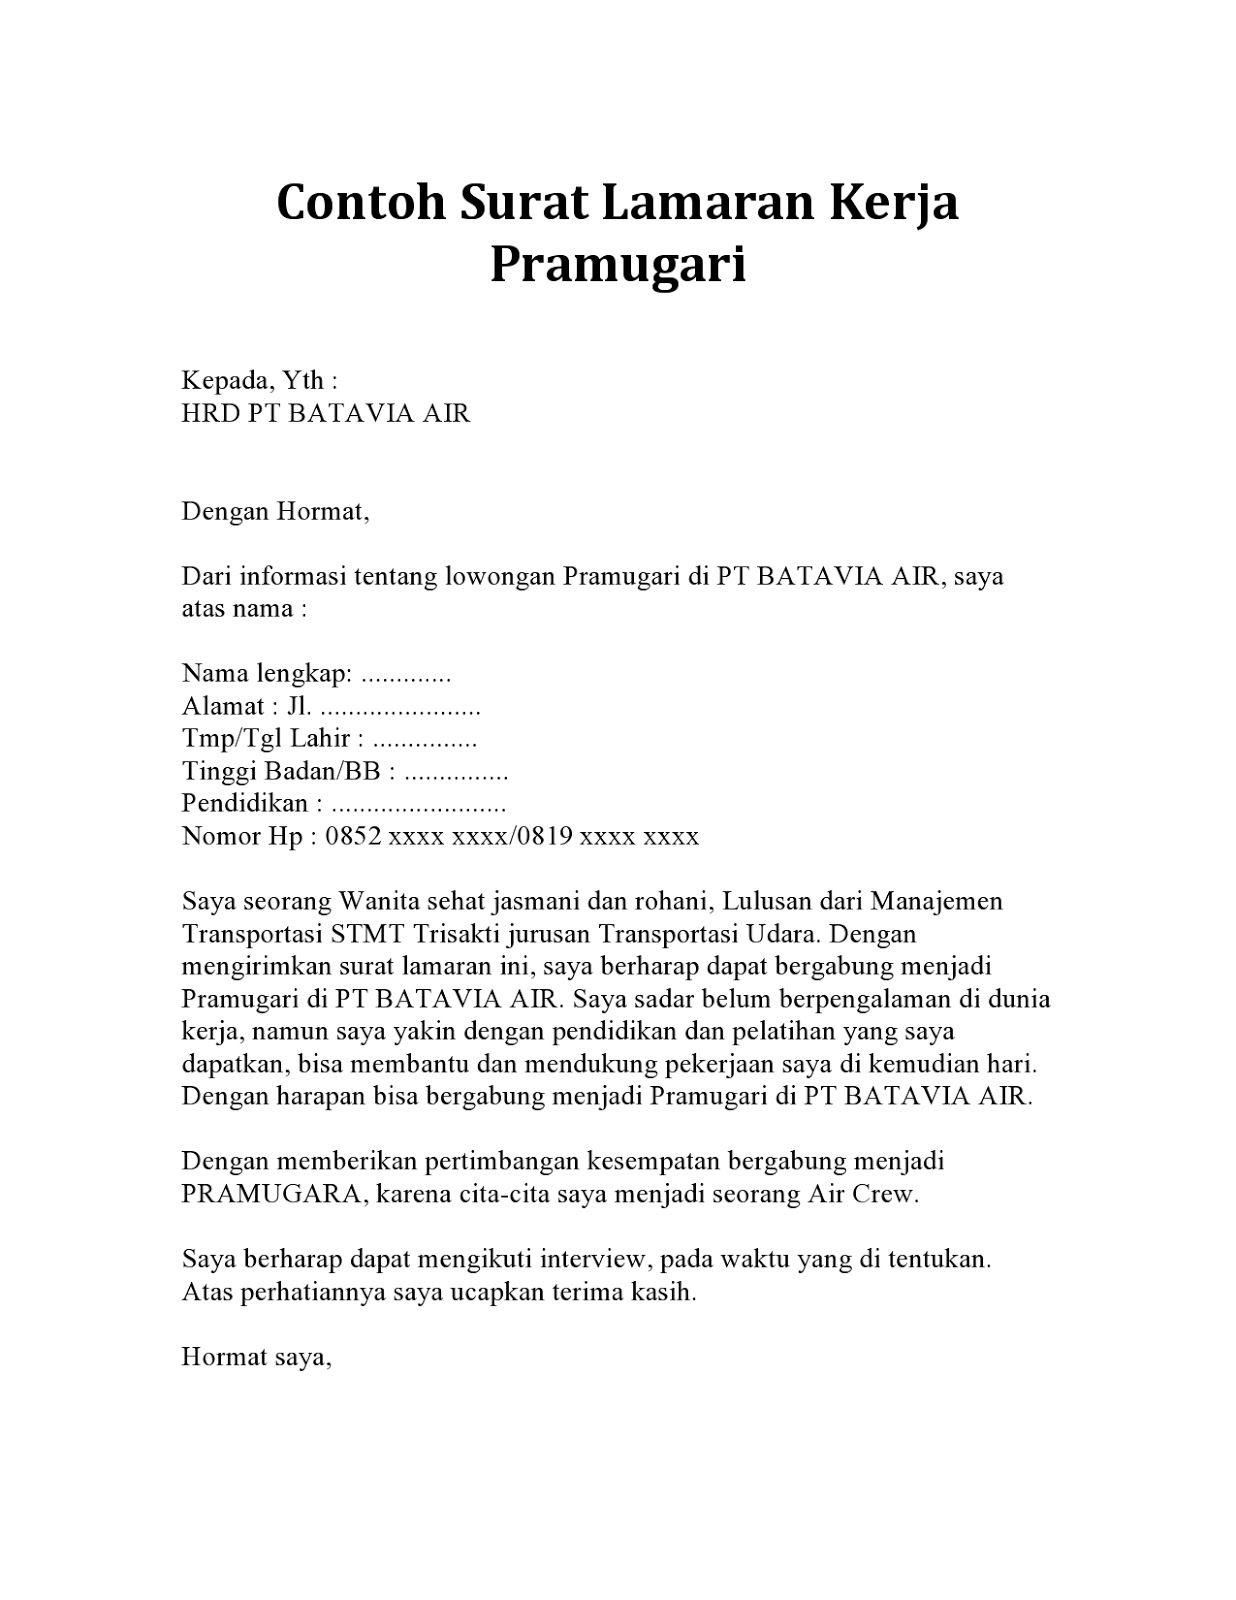 Contoh Cover Letter Bahasa Inggris Untuk Magang